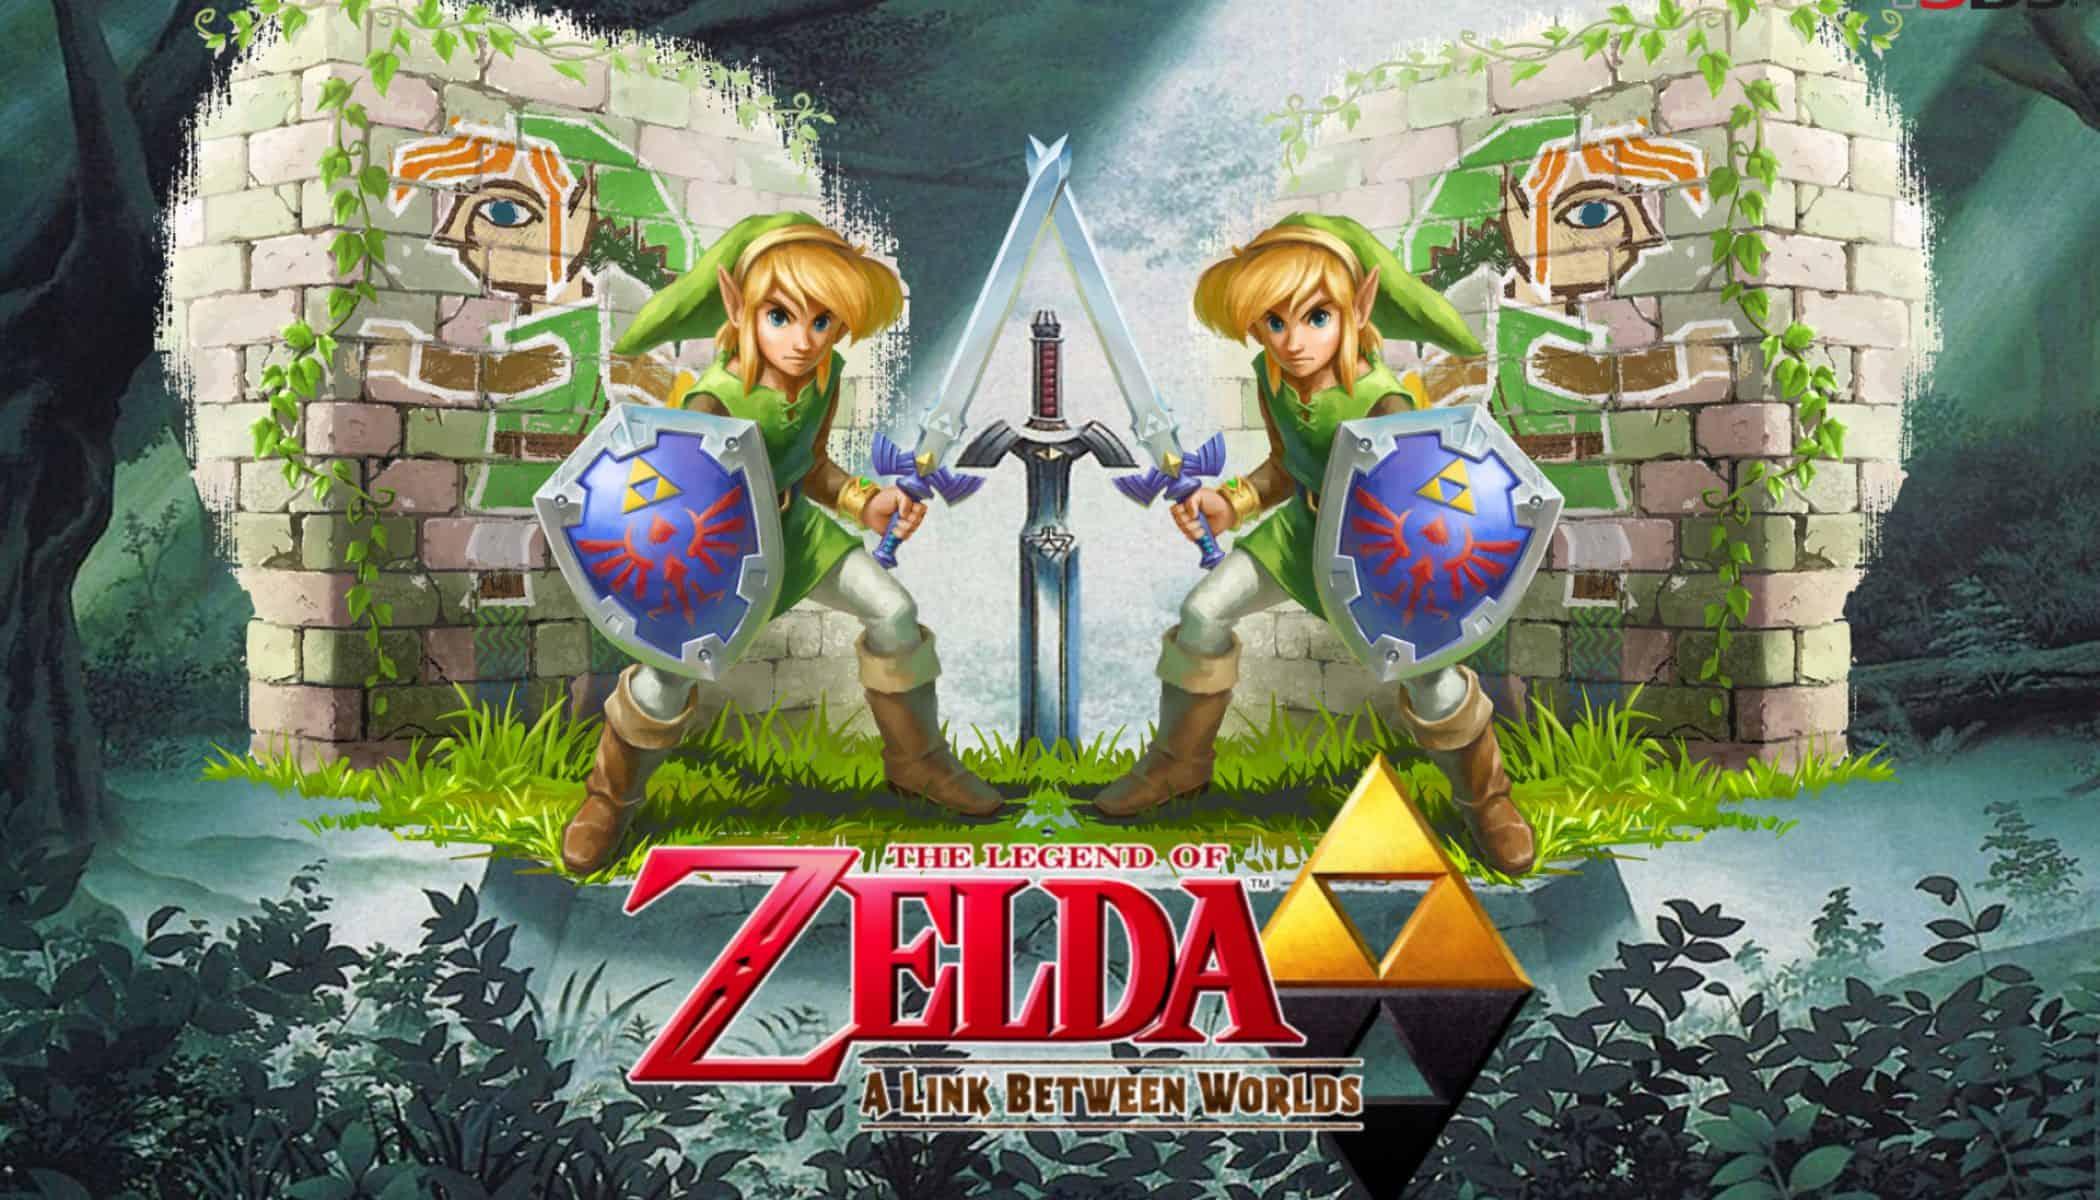 Best Zelda Games - The Legend of Zelda - A Link Between Worlds